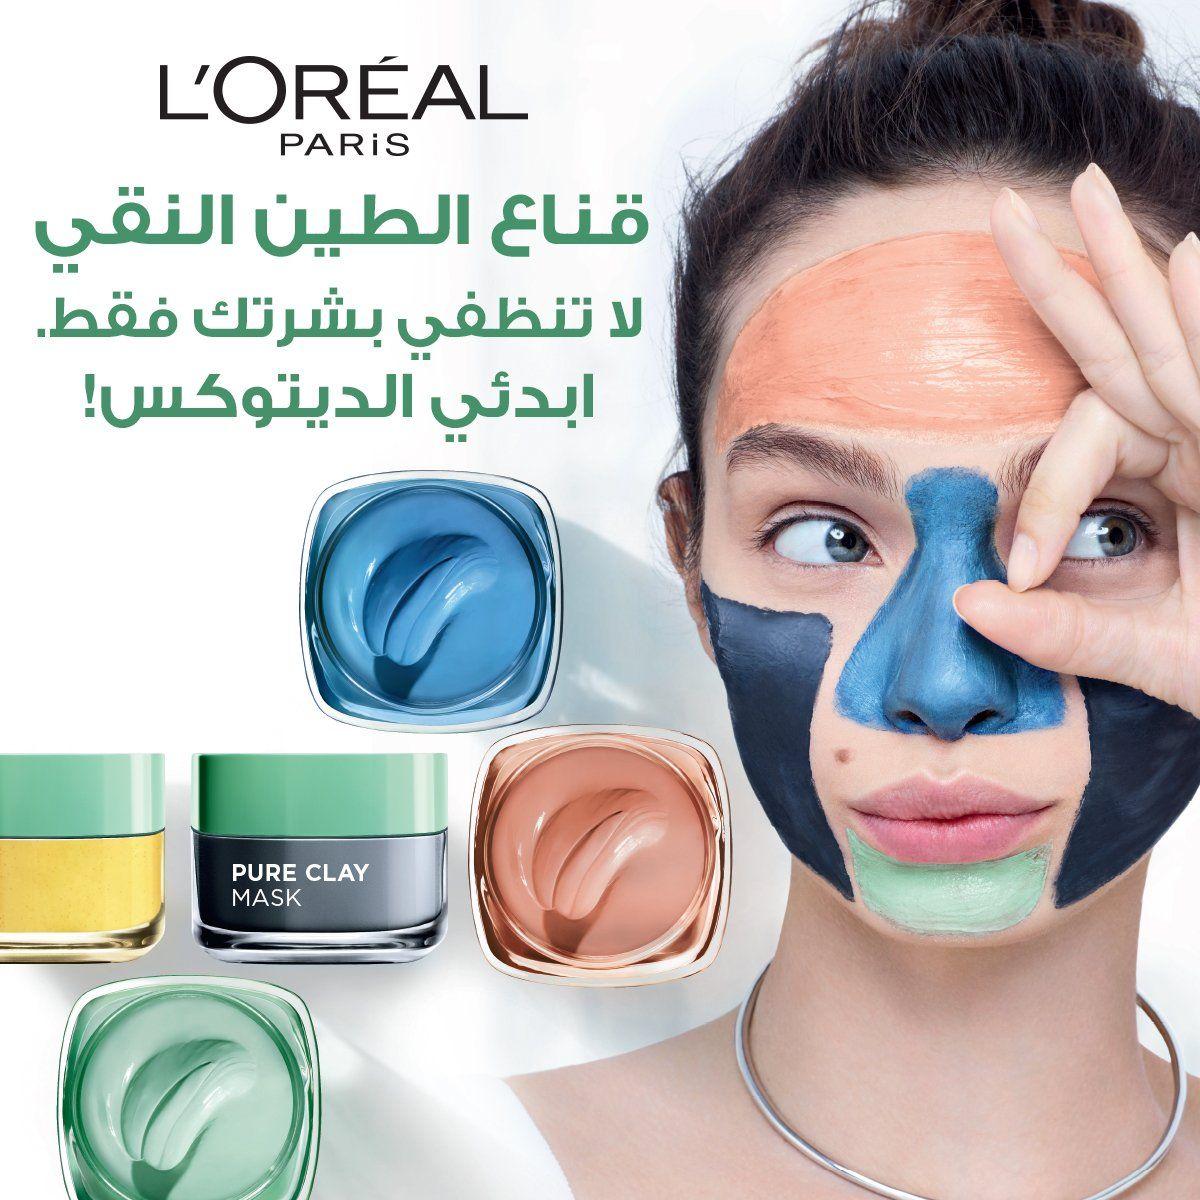 قناع الطين النقي من لوريال باريس مع خصم إضافي 20 على منتجات مختارة عند استخدام كوبون Summer20 تسوقي Pure Clay Mask Pure Products Clay Masks